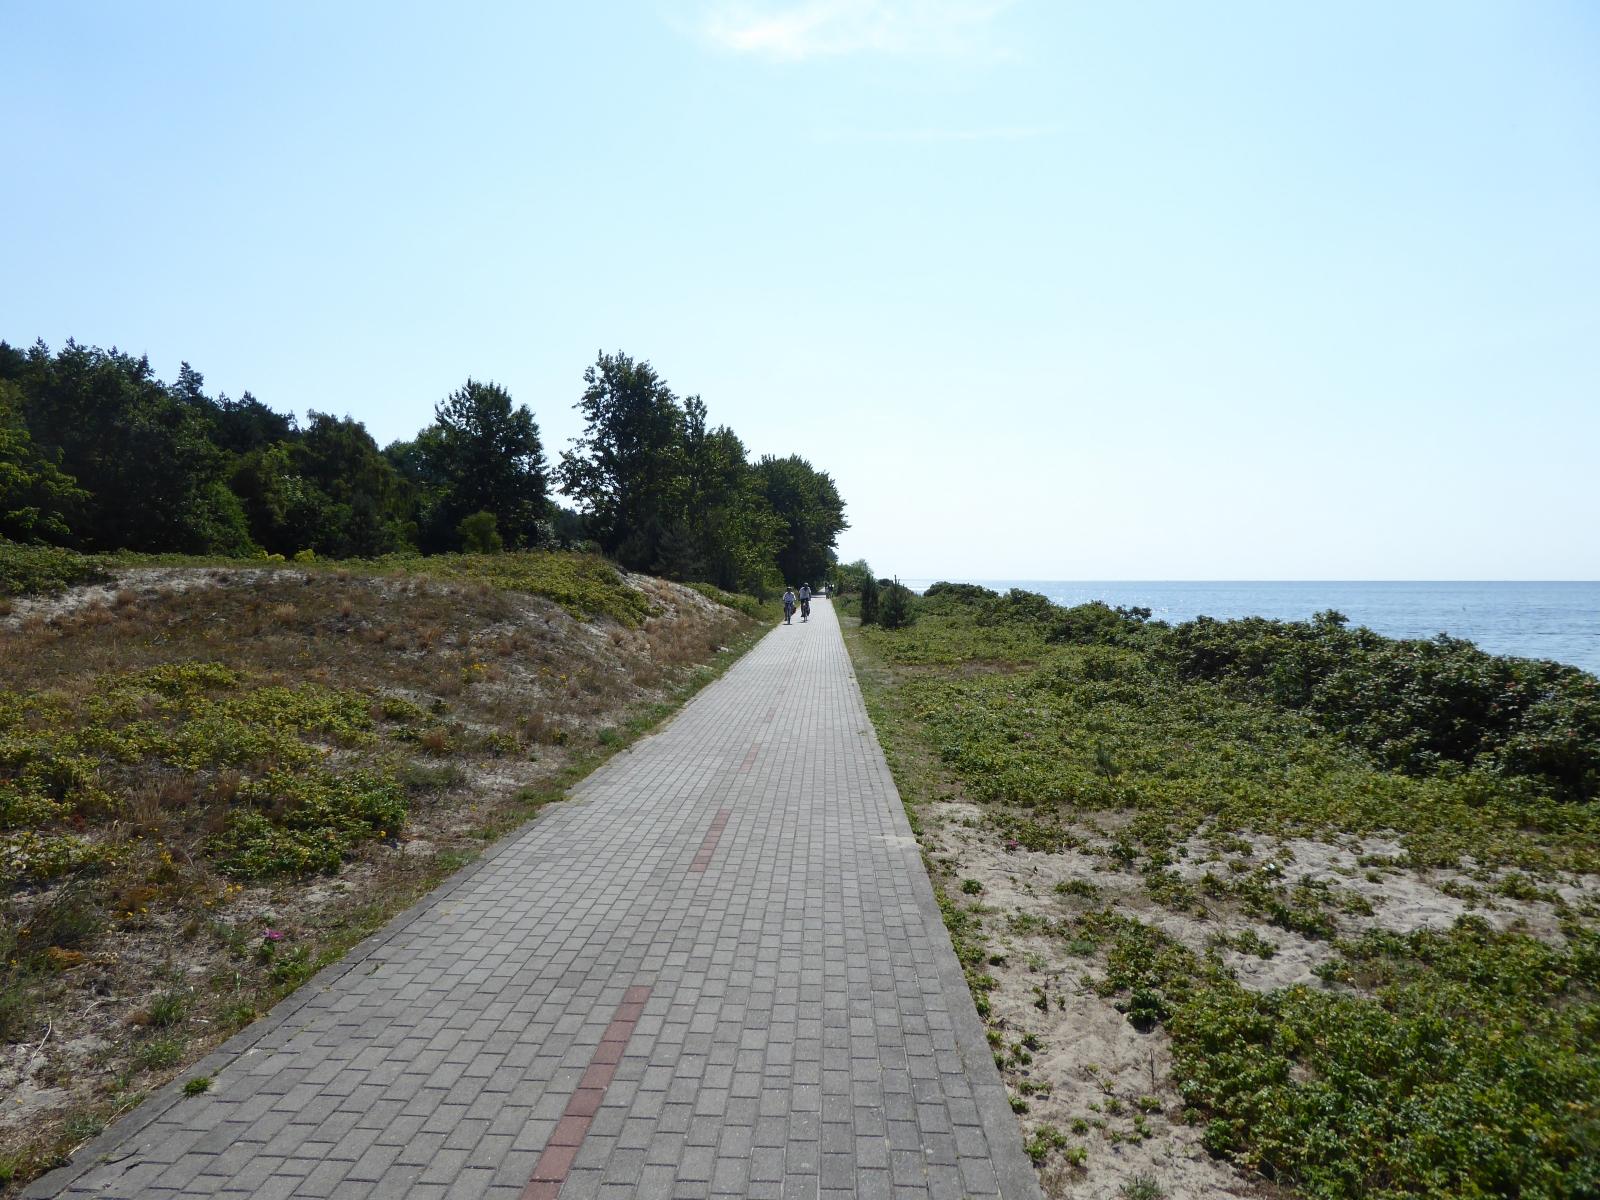 Viele Kilometer lang war der Radweg - wie schon bekannt - längs gepflastert. Dieses Halbinsel hat es in sich, denn die Länge beträgt beträgt noch einmal 35 km.